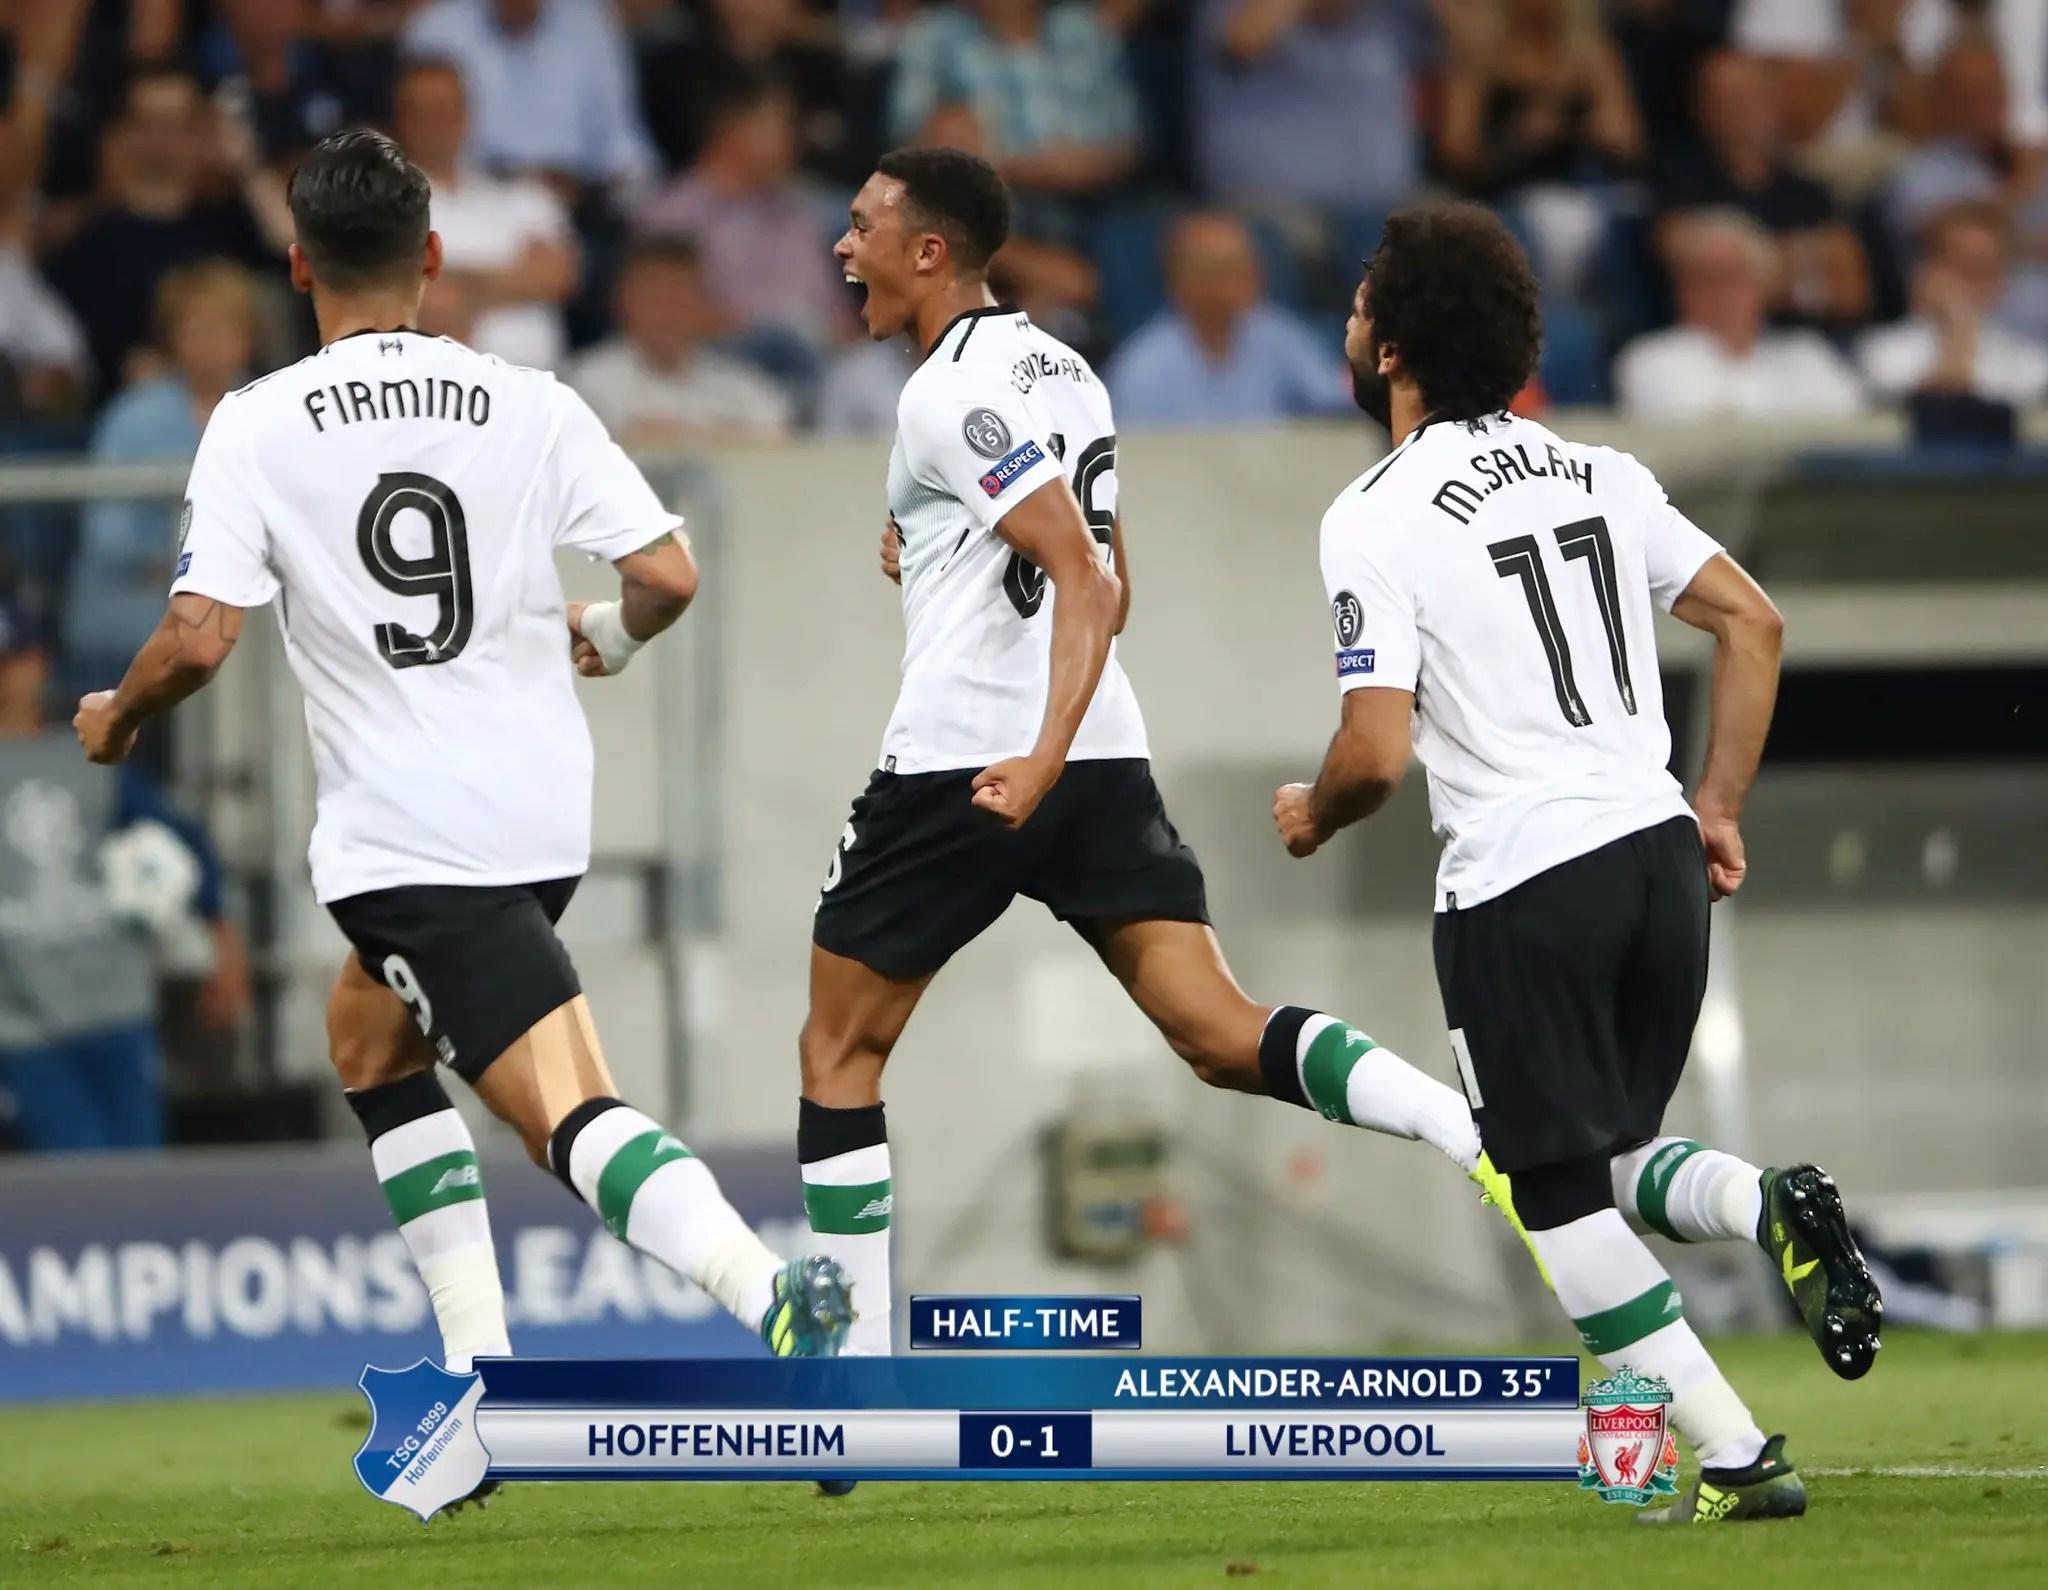 UCL Play-Offs: Samuel Wins Away With CSKA, Liverpool Edge Hoffenheim